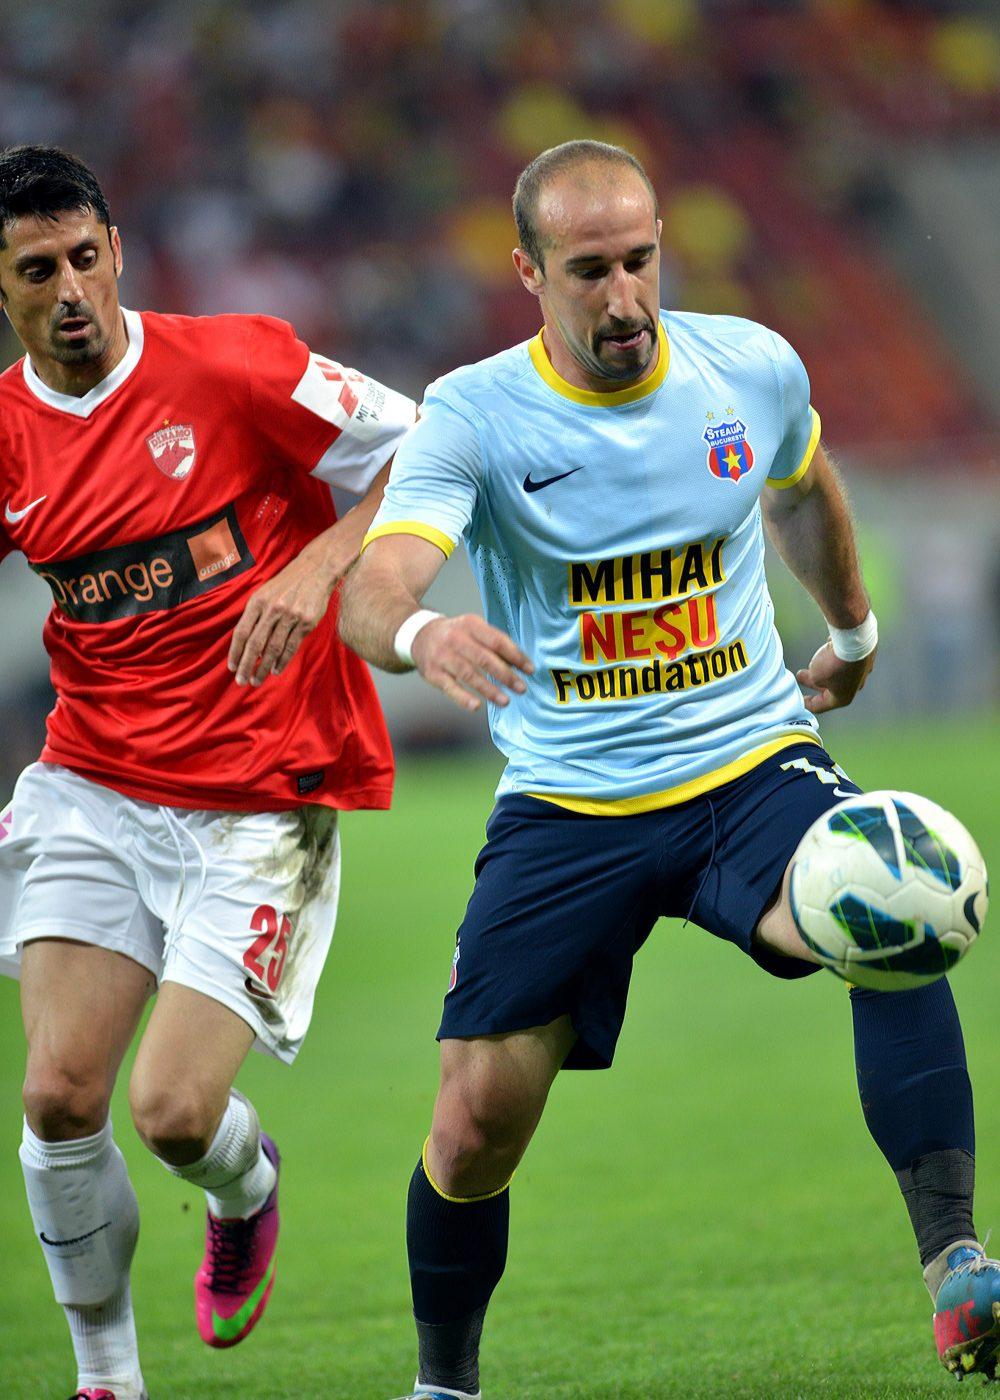 Imagine din ultimul Derby jucat de Dănciulescu înainte de retragere. Aici, în duel cu Latovlevici (dreapta)